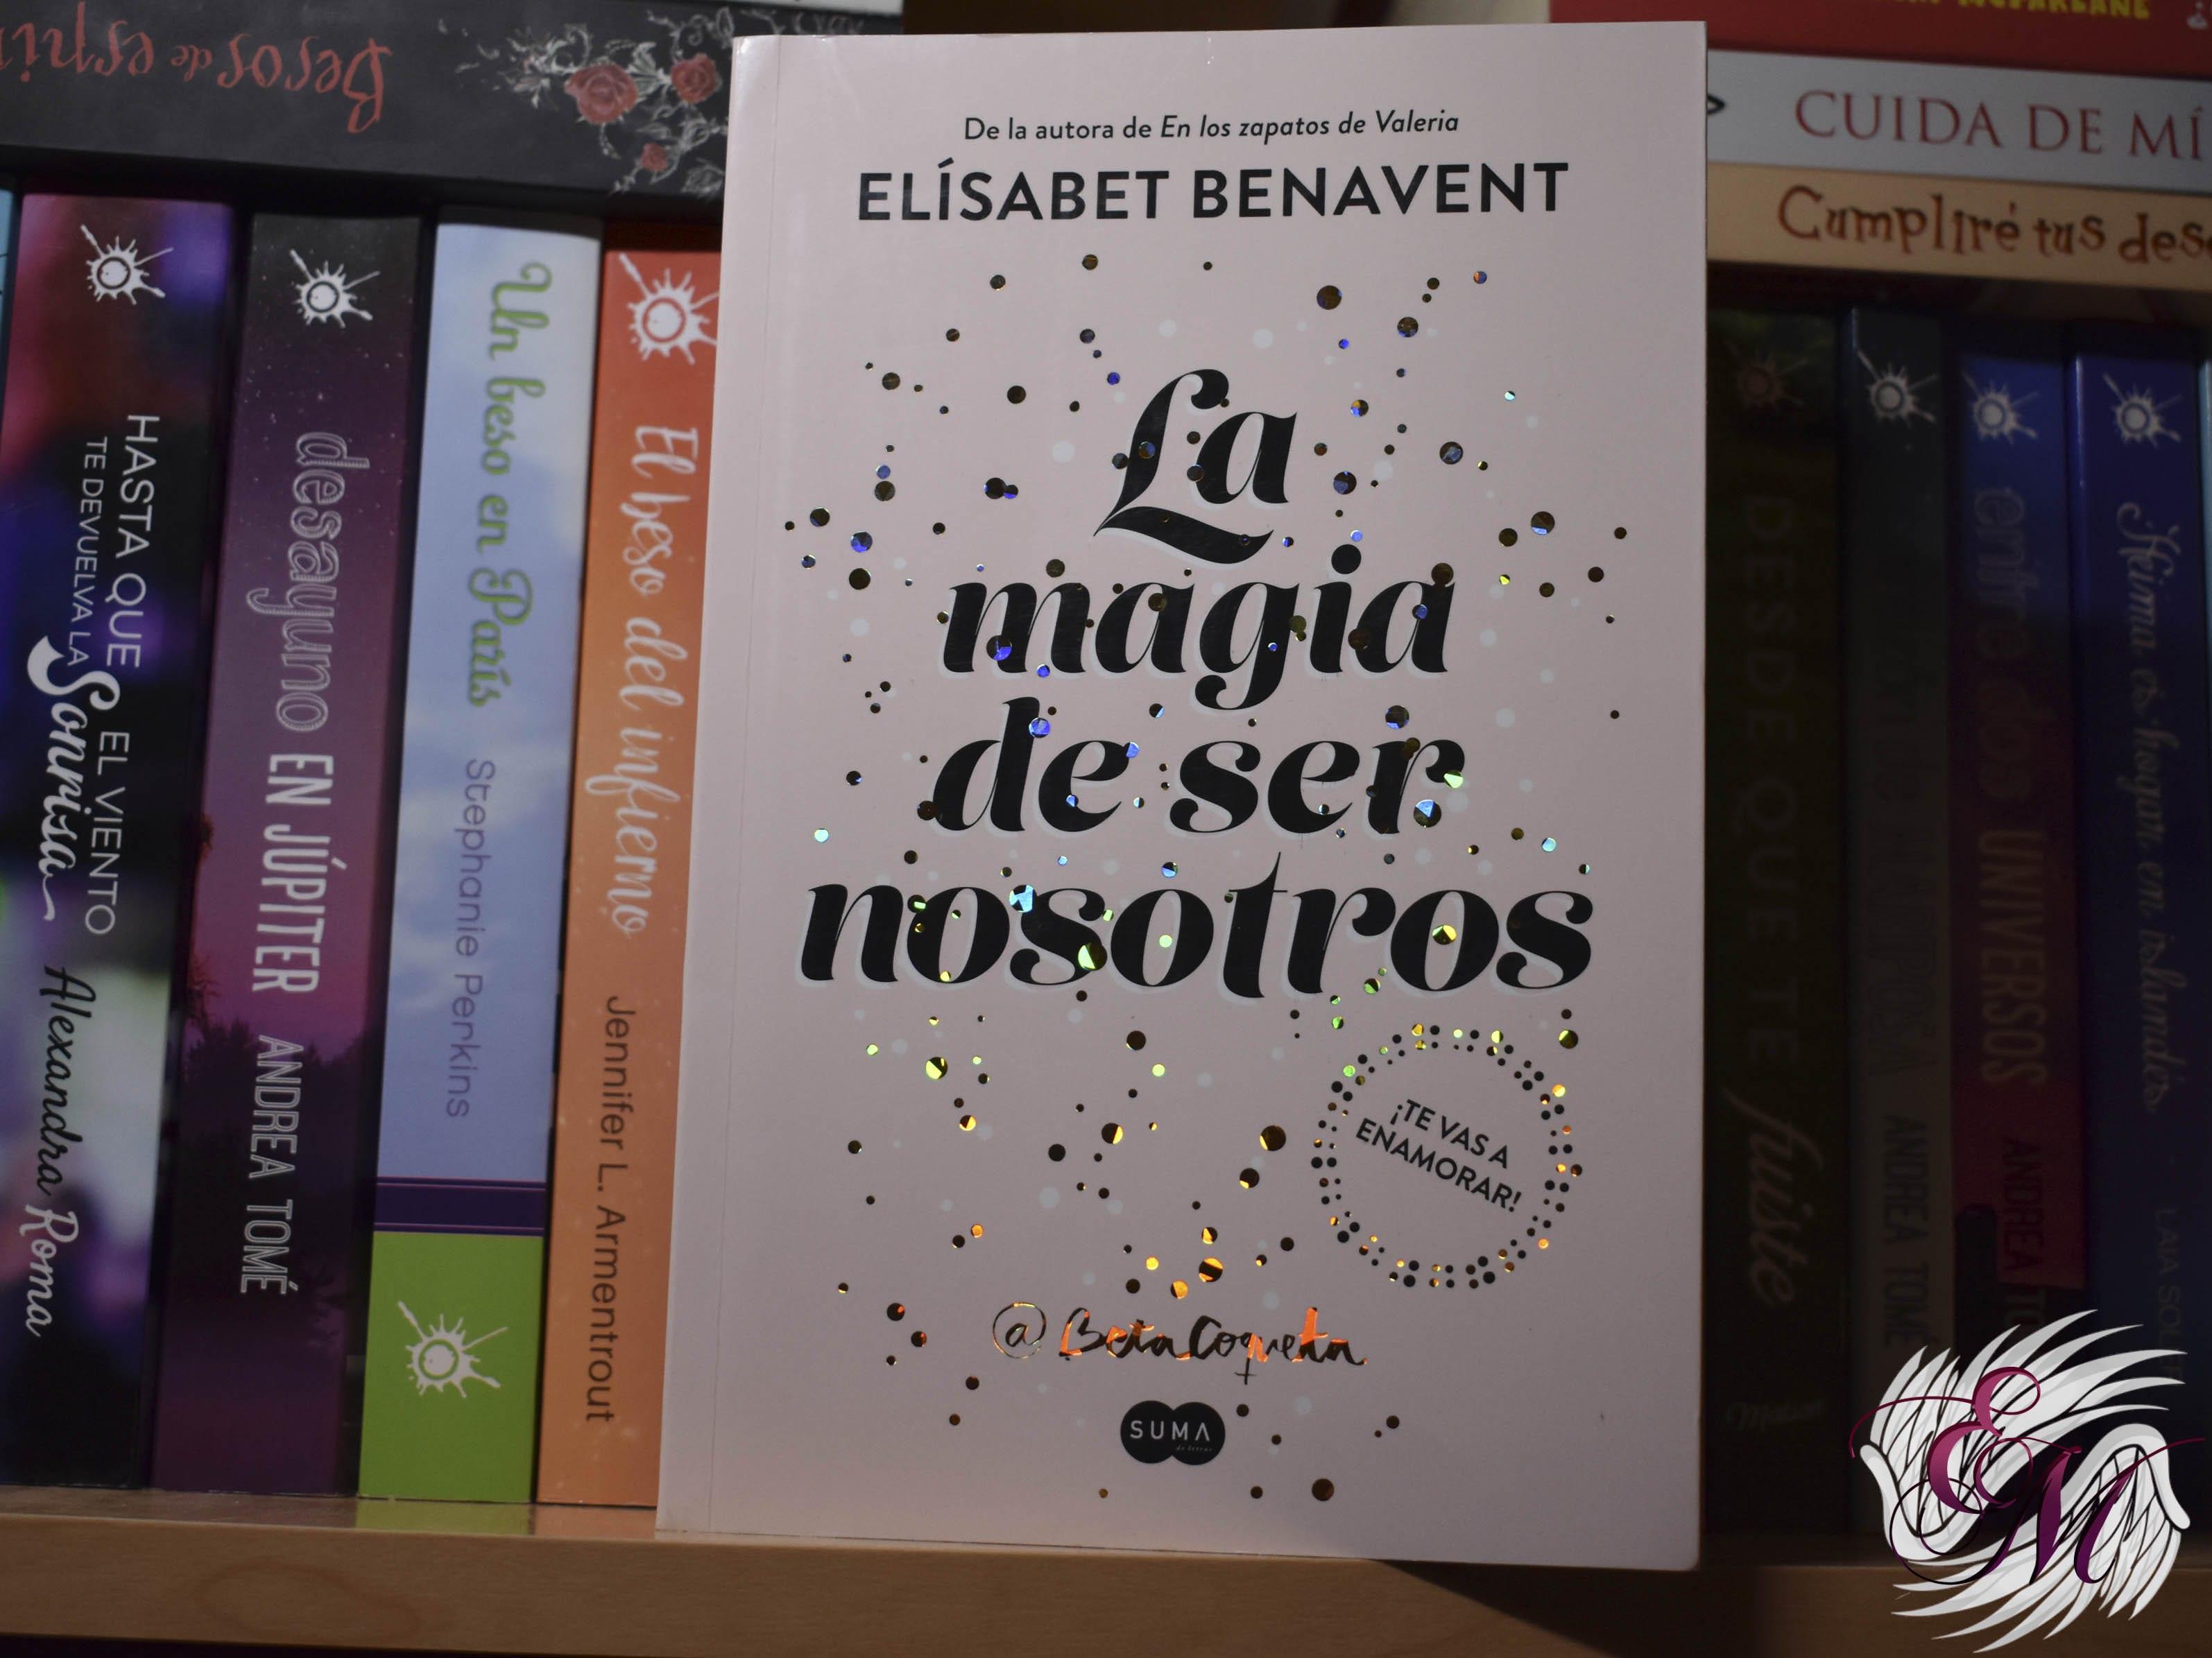 La magia de ser nosotros, de Elisabet Benavent - Reseña